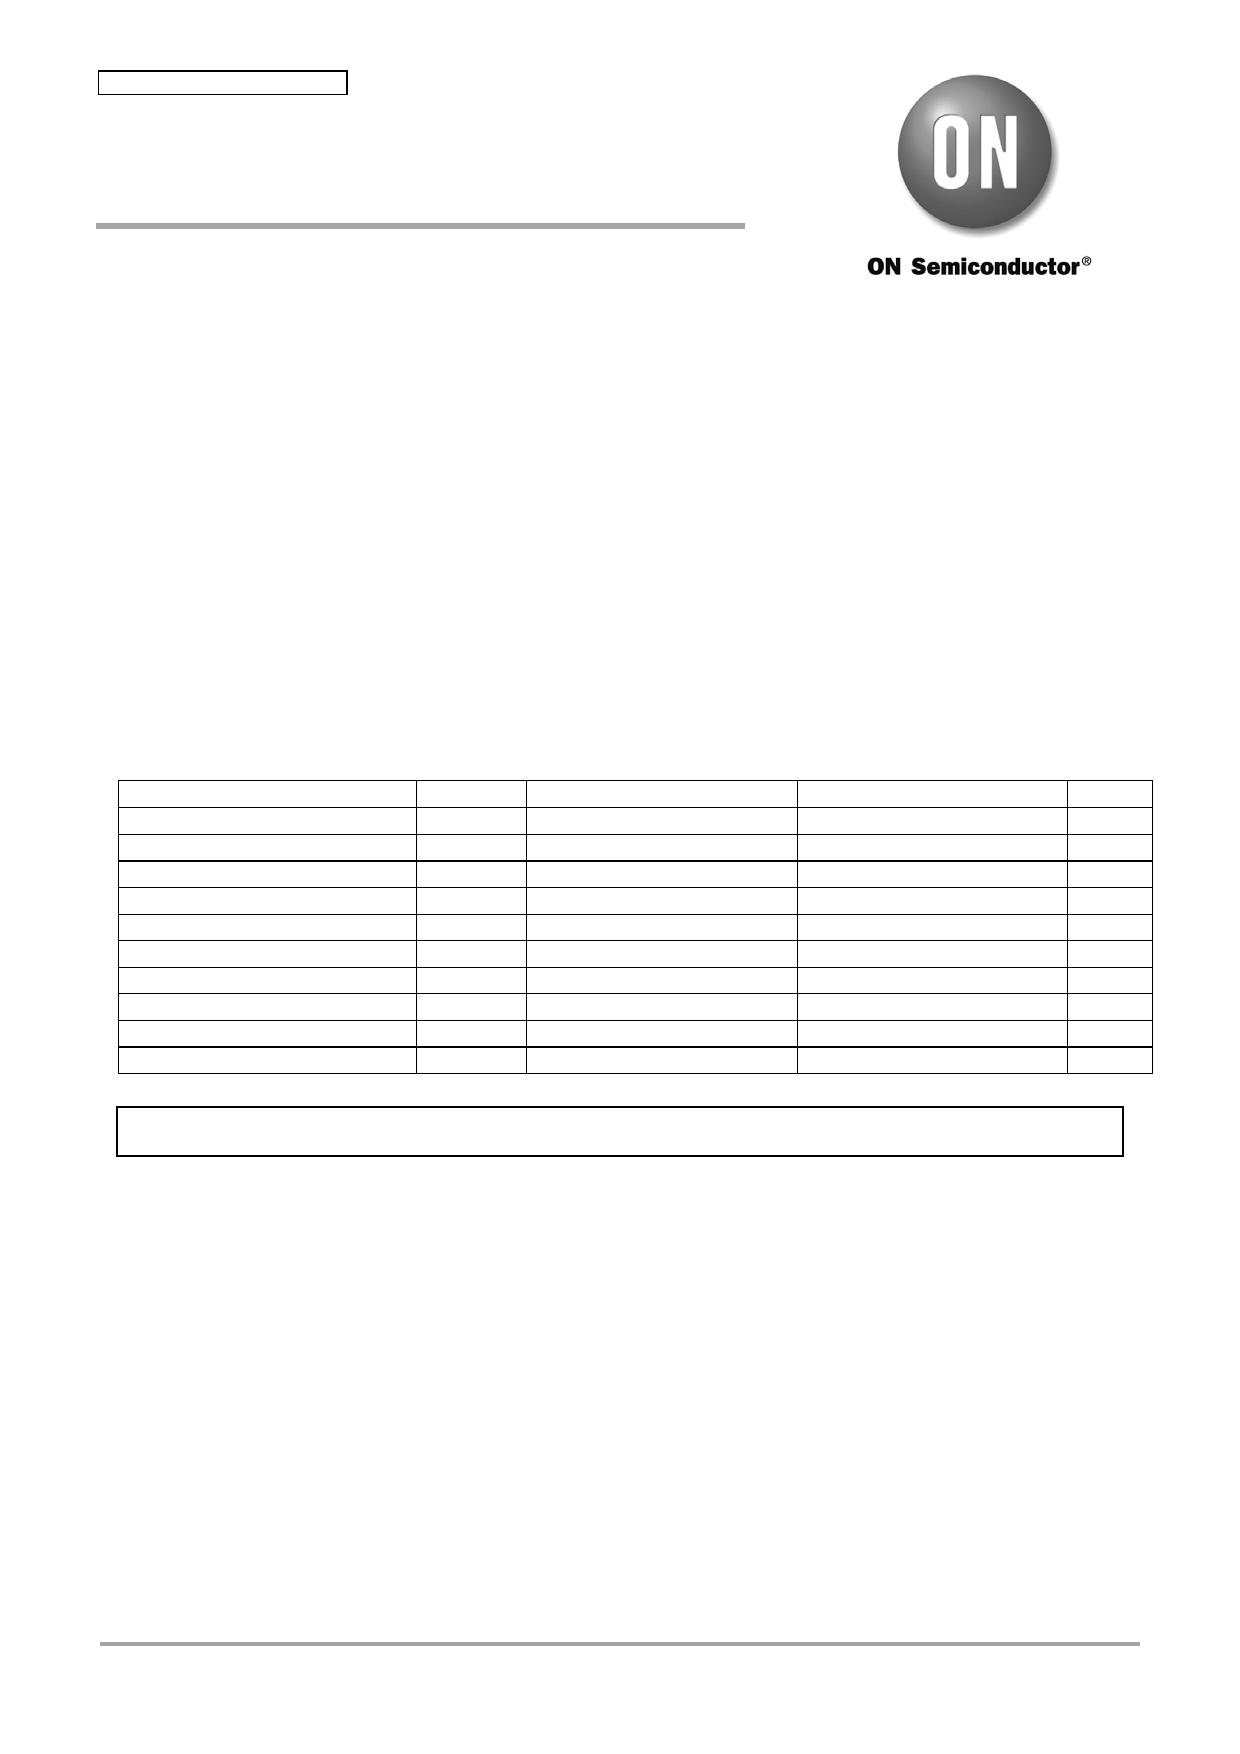 LB1862 datasheet